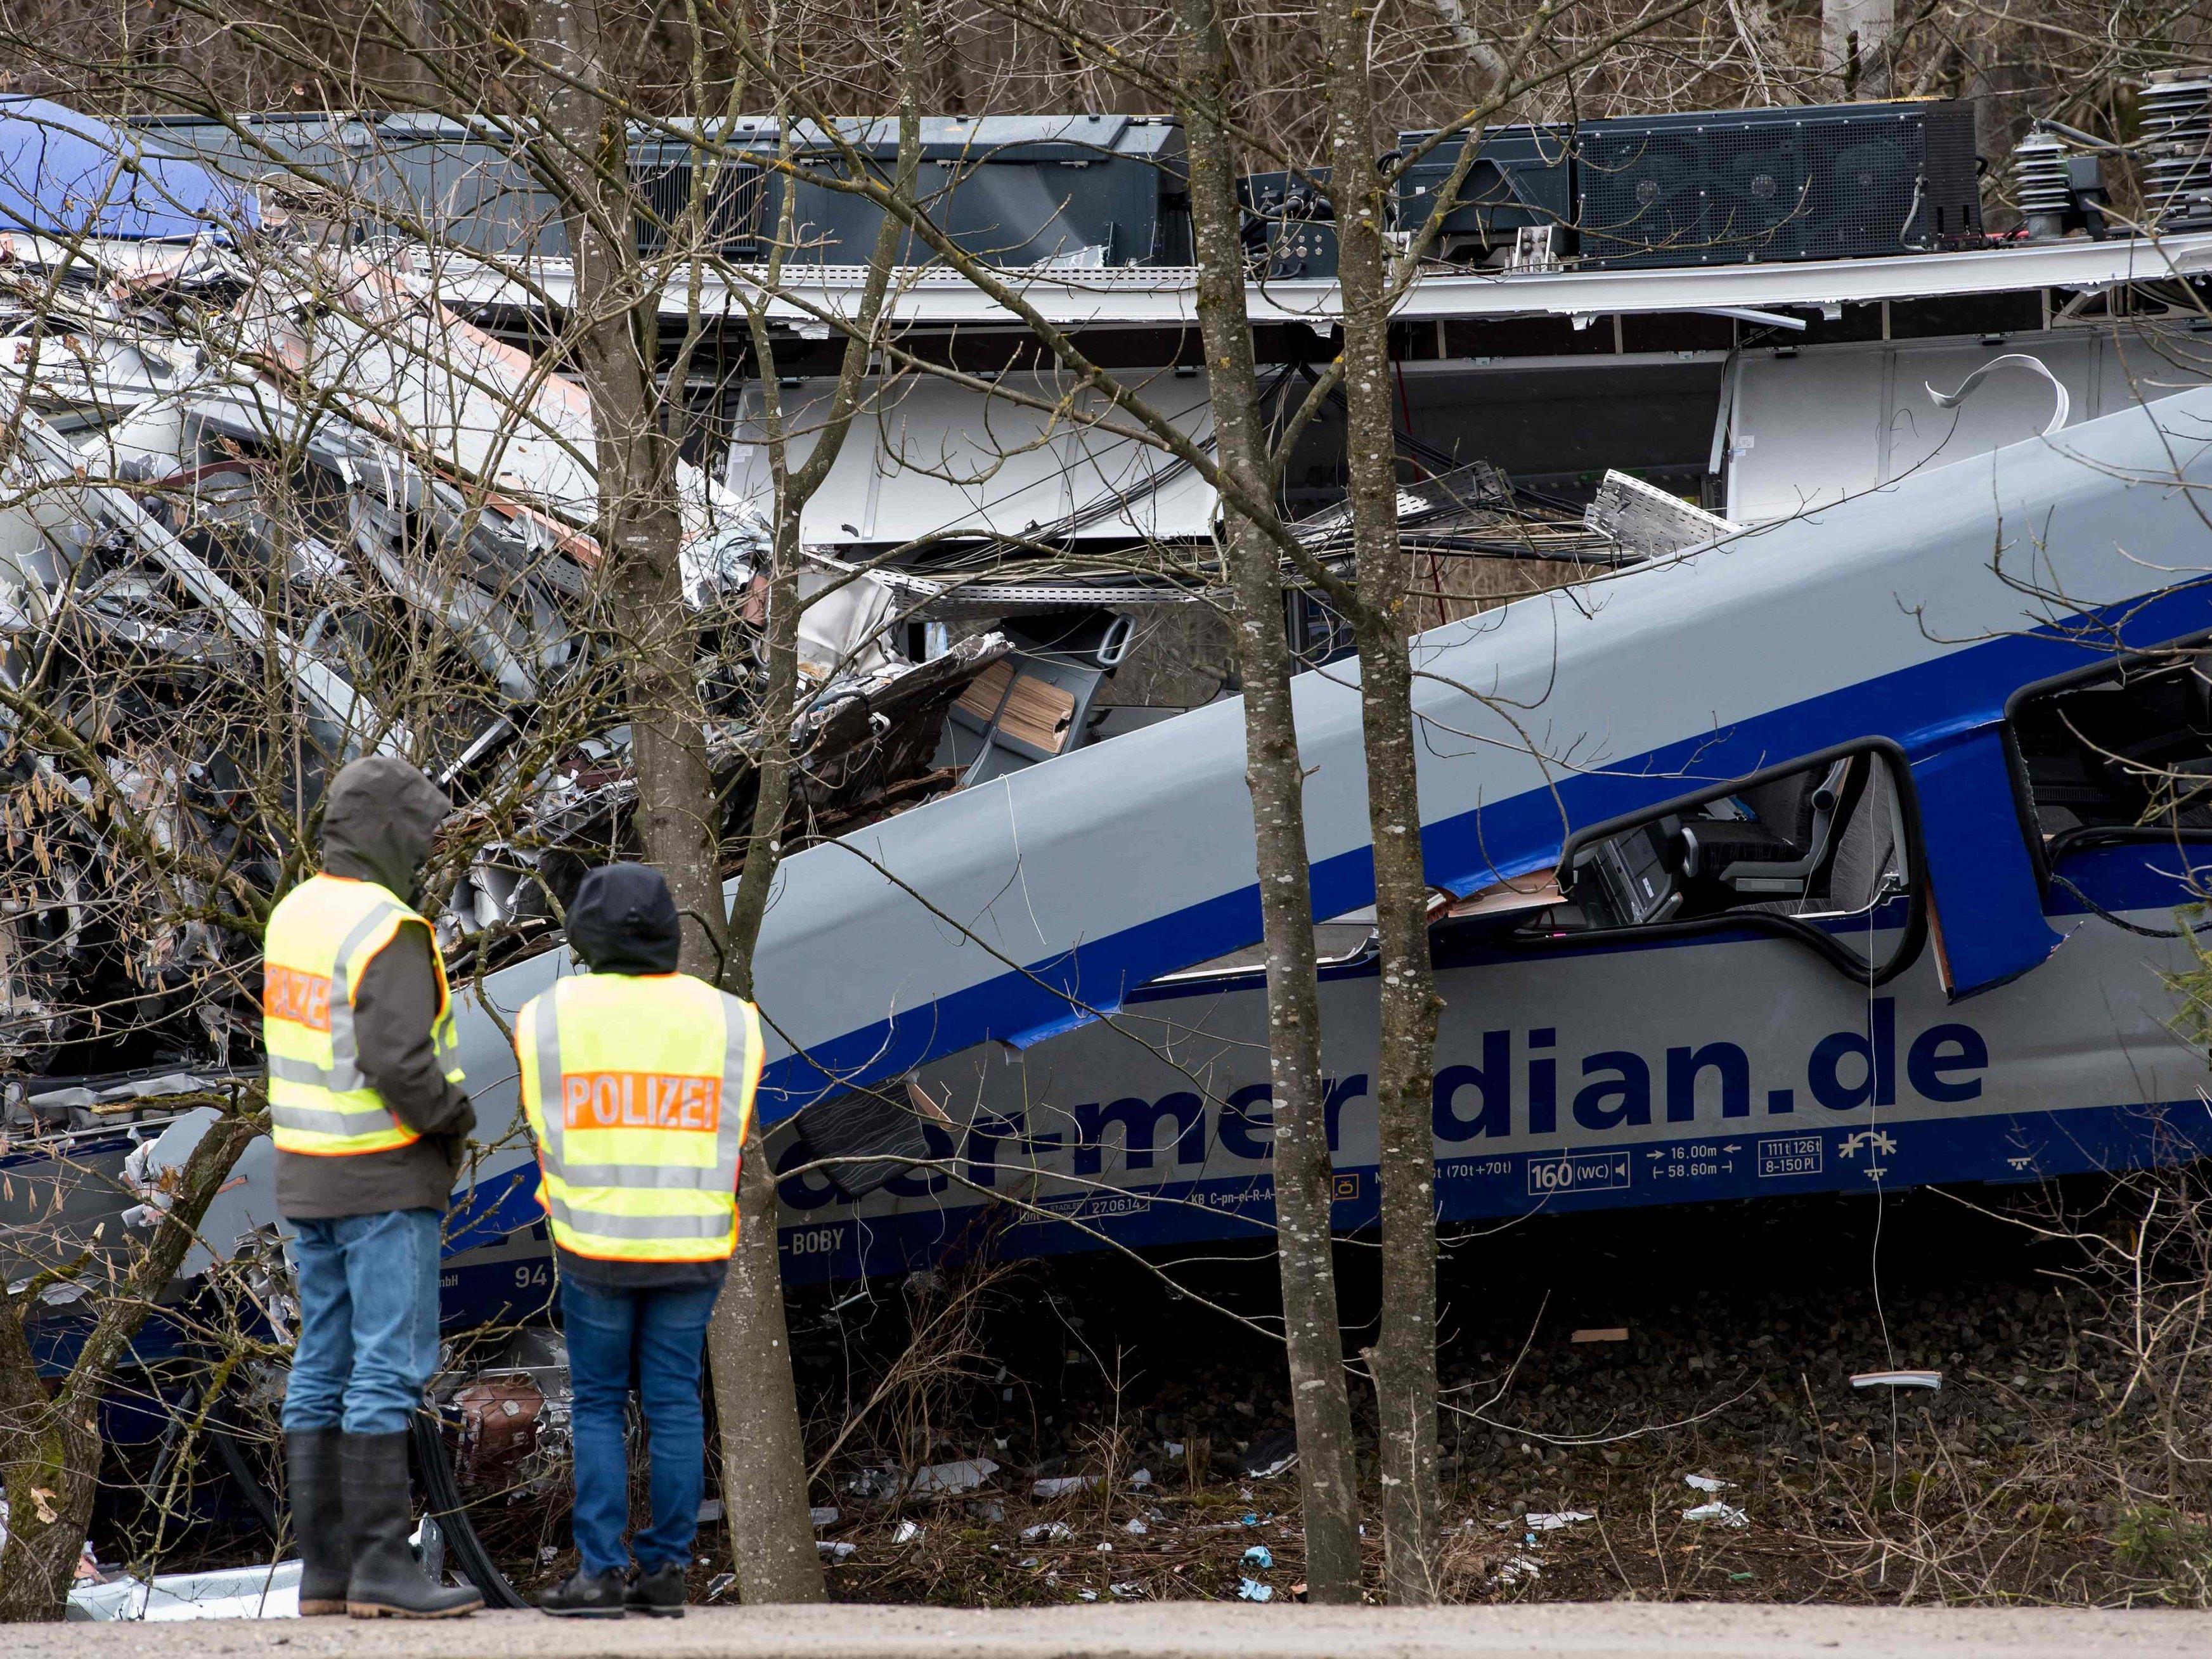 Das Zugunglück in Bad Aibling forderte zehn Menschenleben.